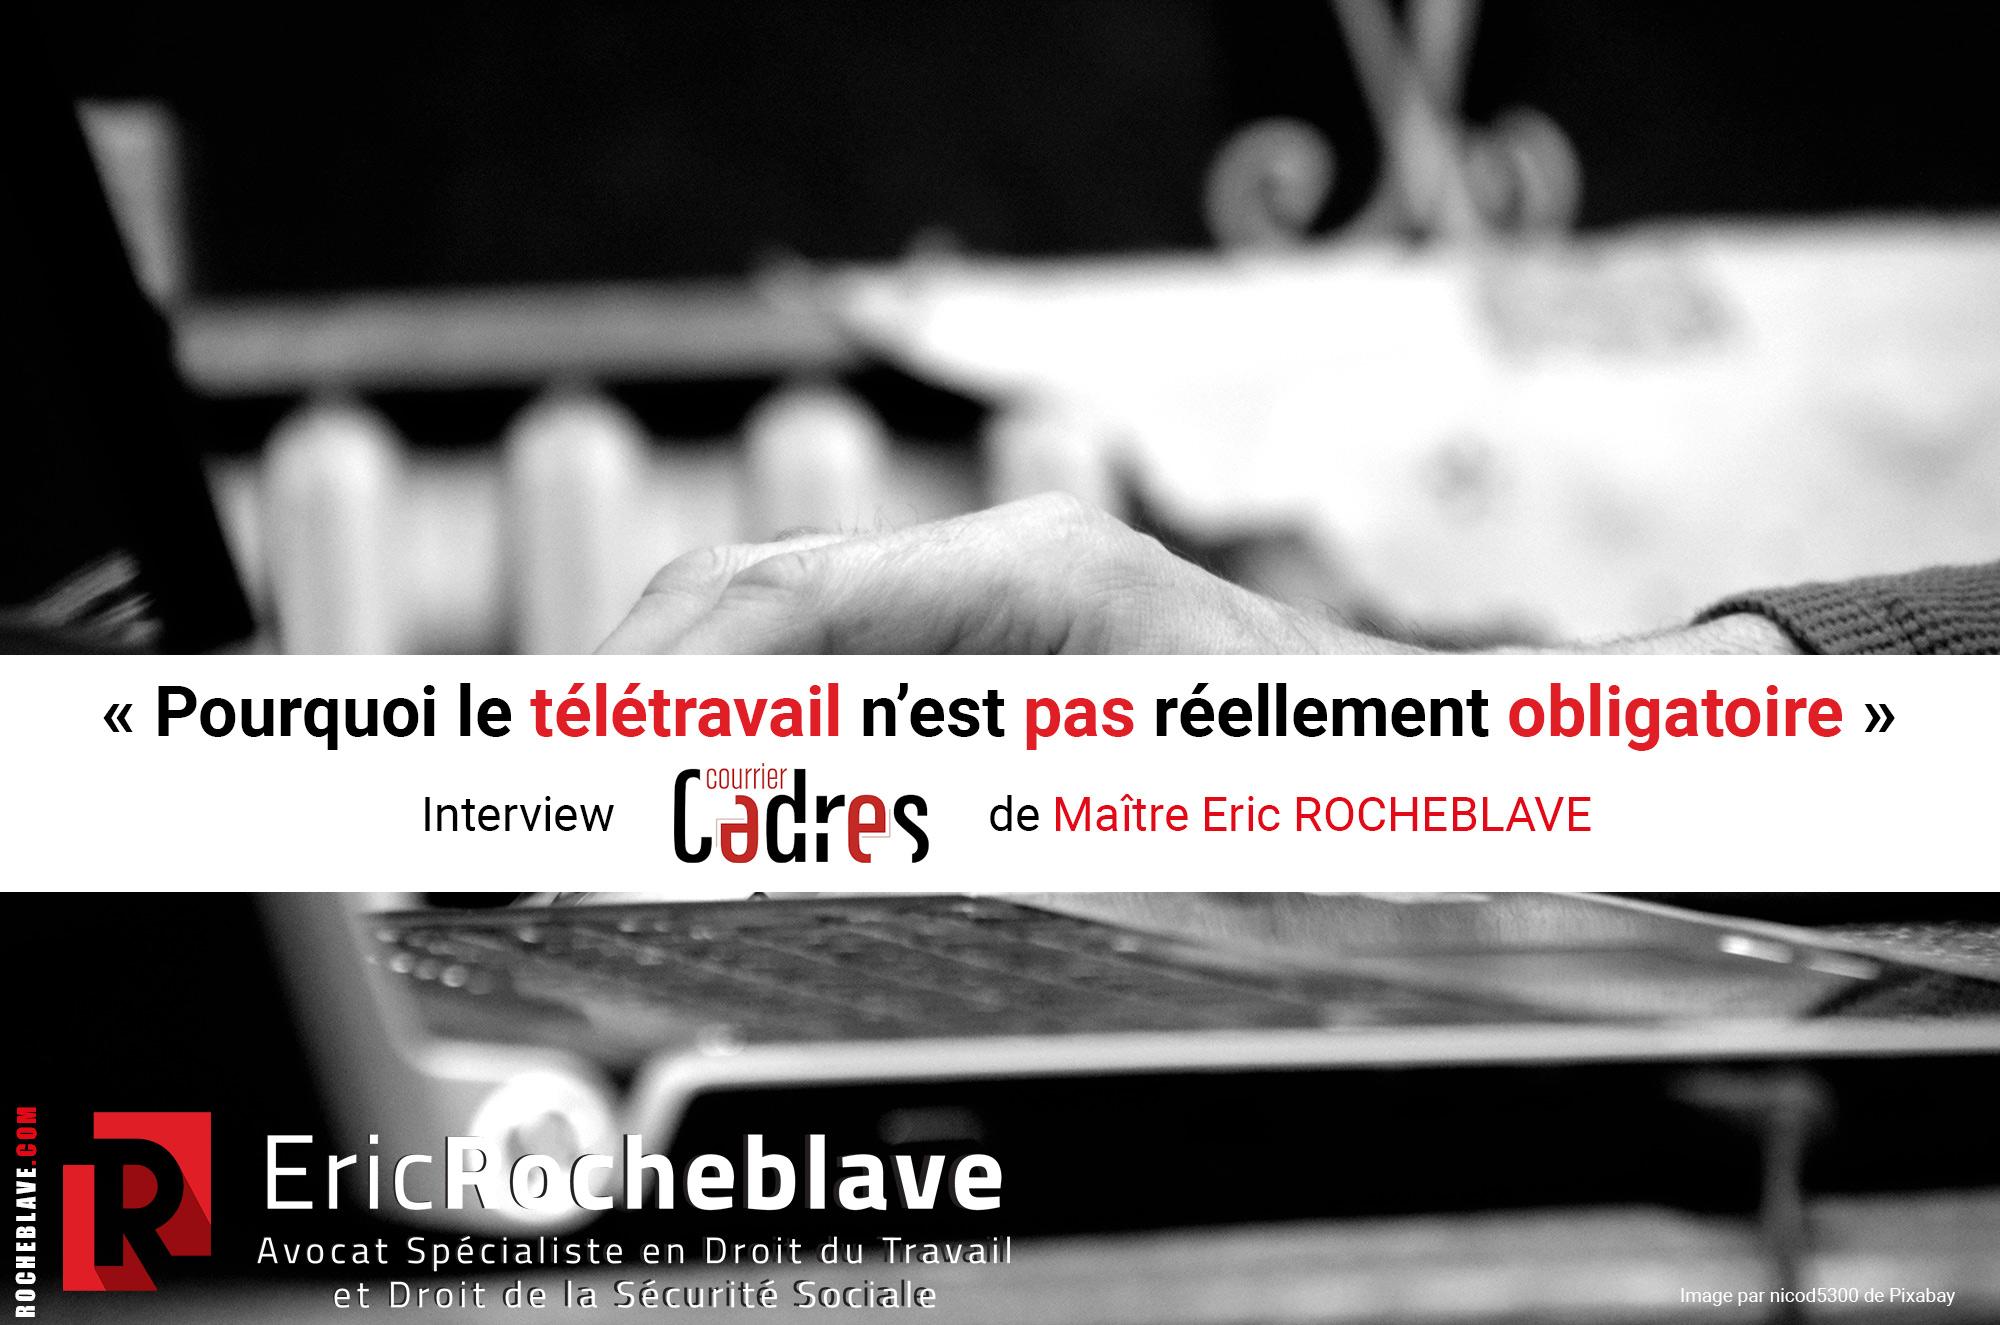 « Pourquoi le télétravail n'est pas réellement obligatoire » Interview Courrier Cadres de Maître Eric ROCHEBLAVE